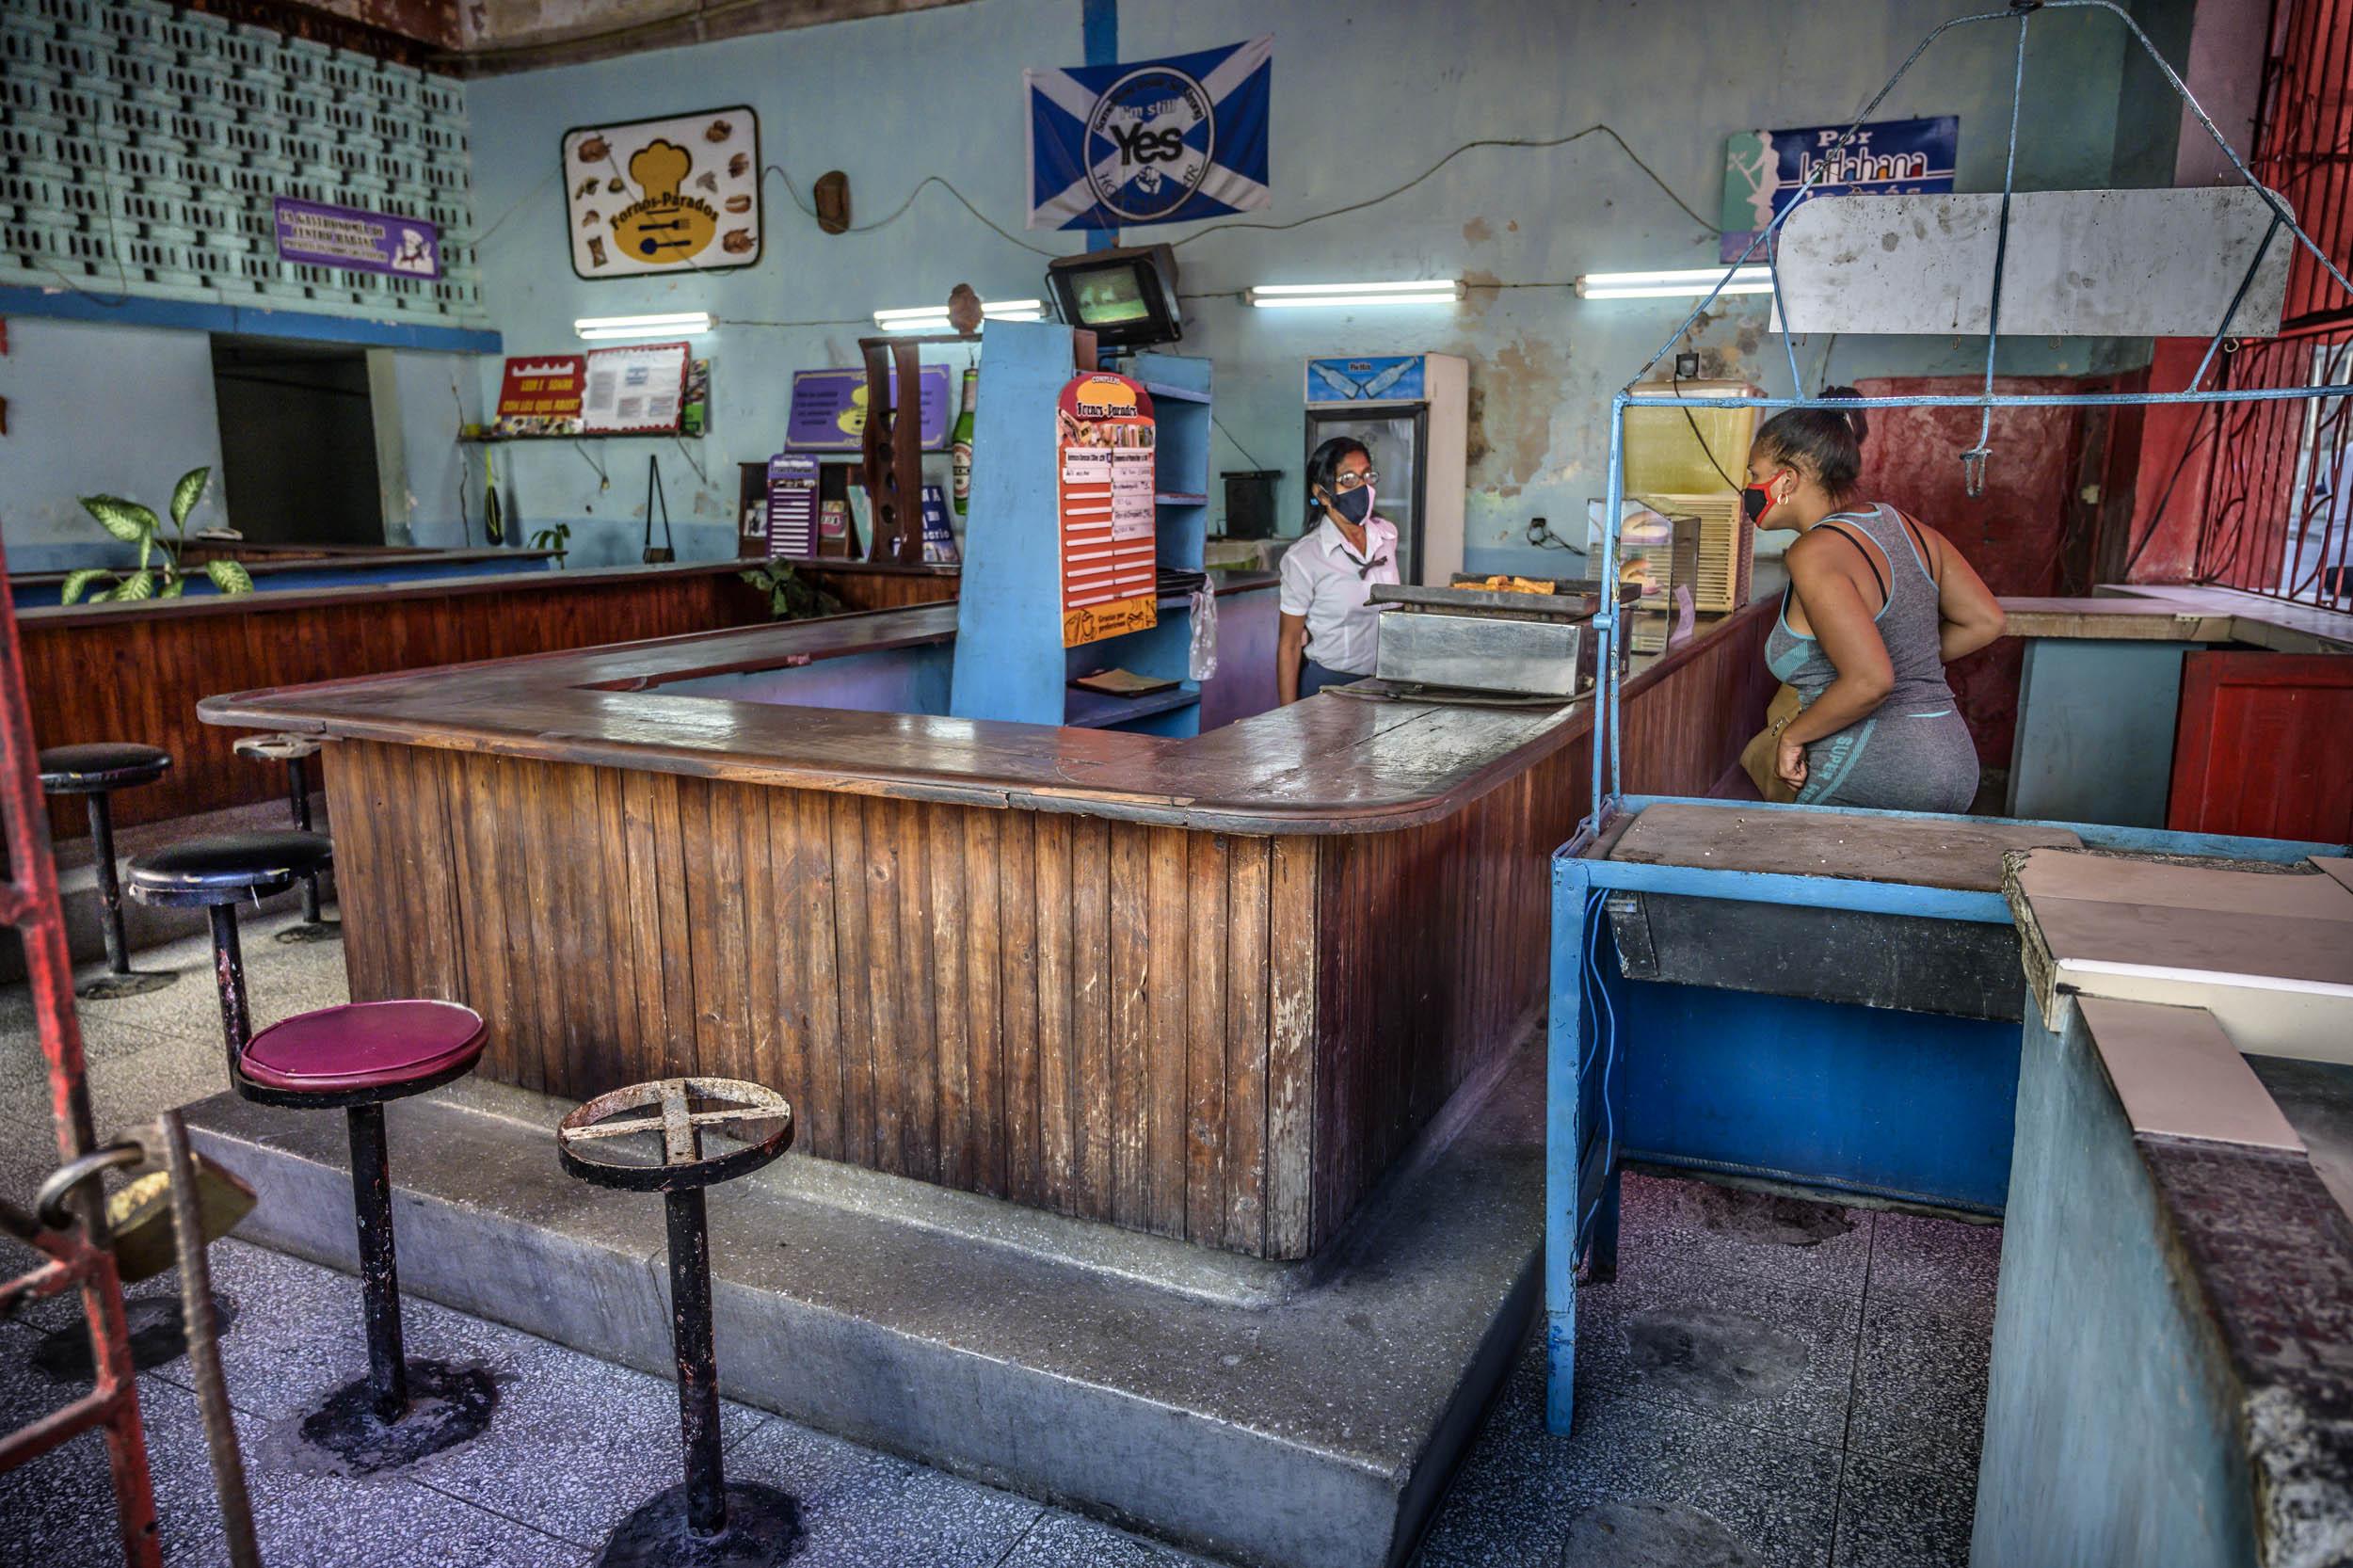 Clientela - Cuba - Hector Garrido, Aerial and human photography